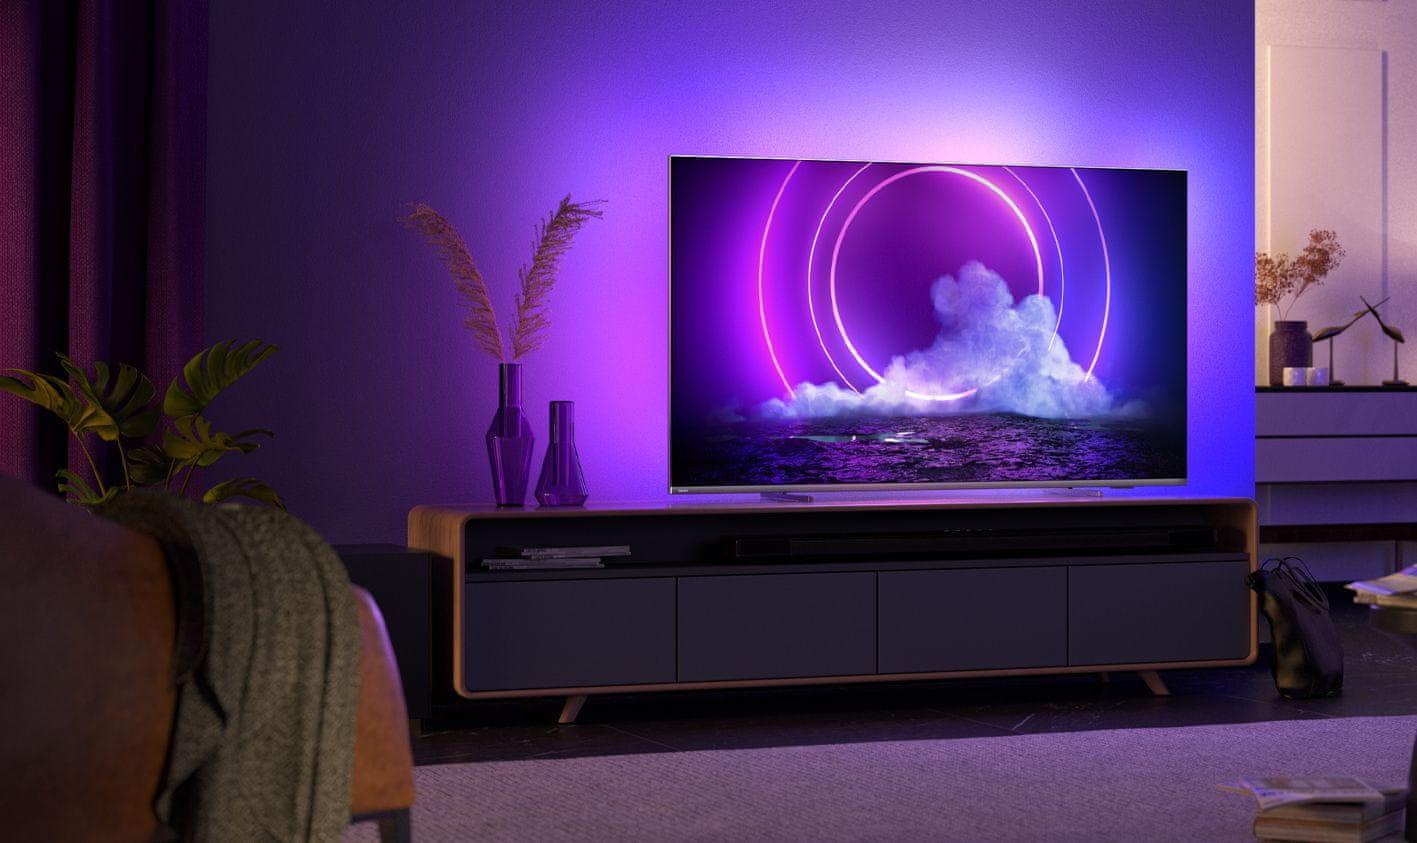 Philips tv televízió LED 4K 2021 Ambilight 100%  színmennyiség